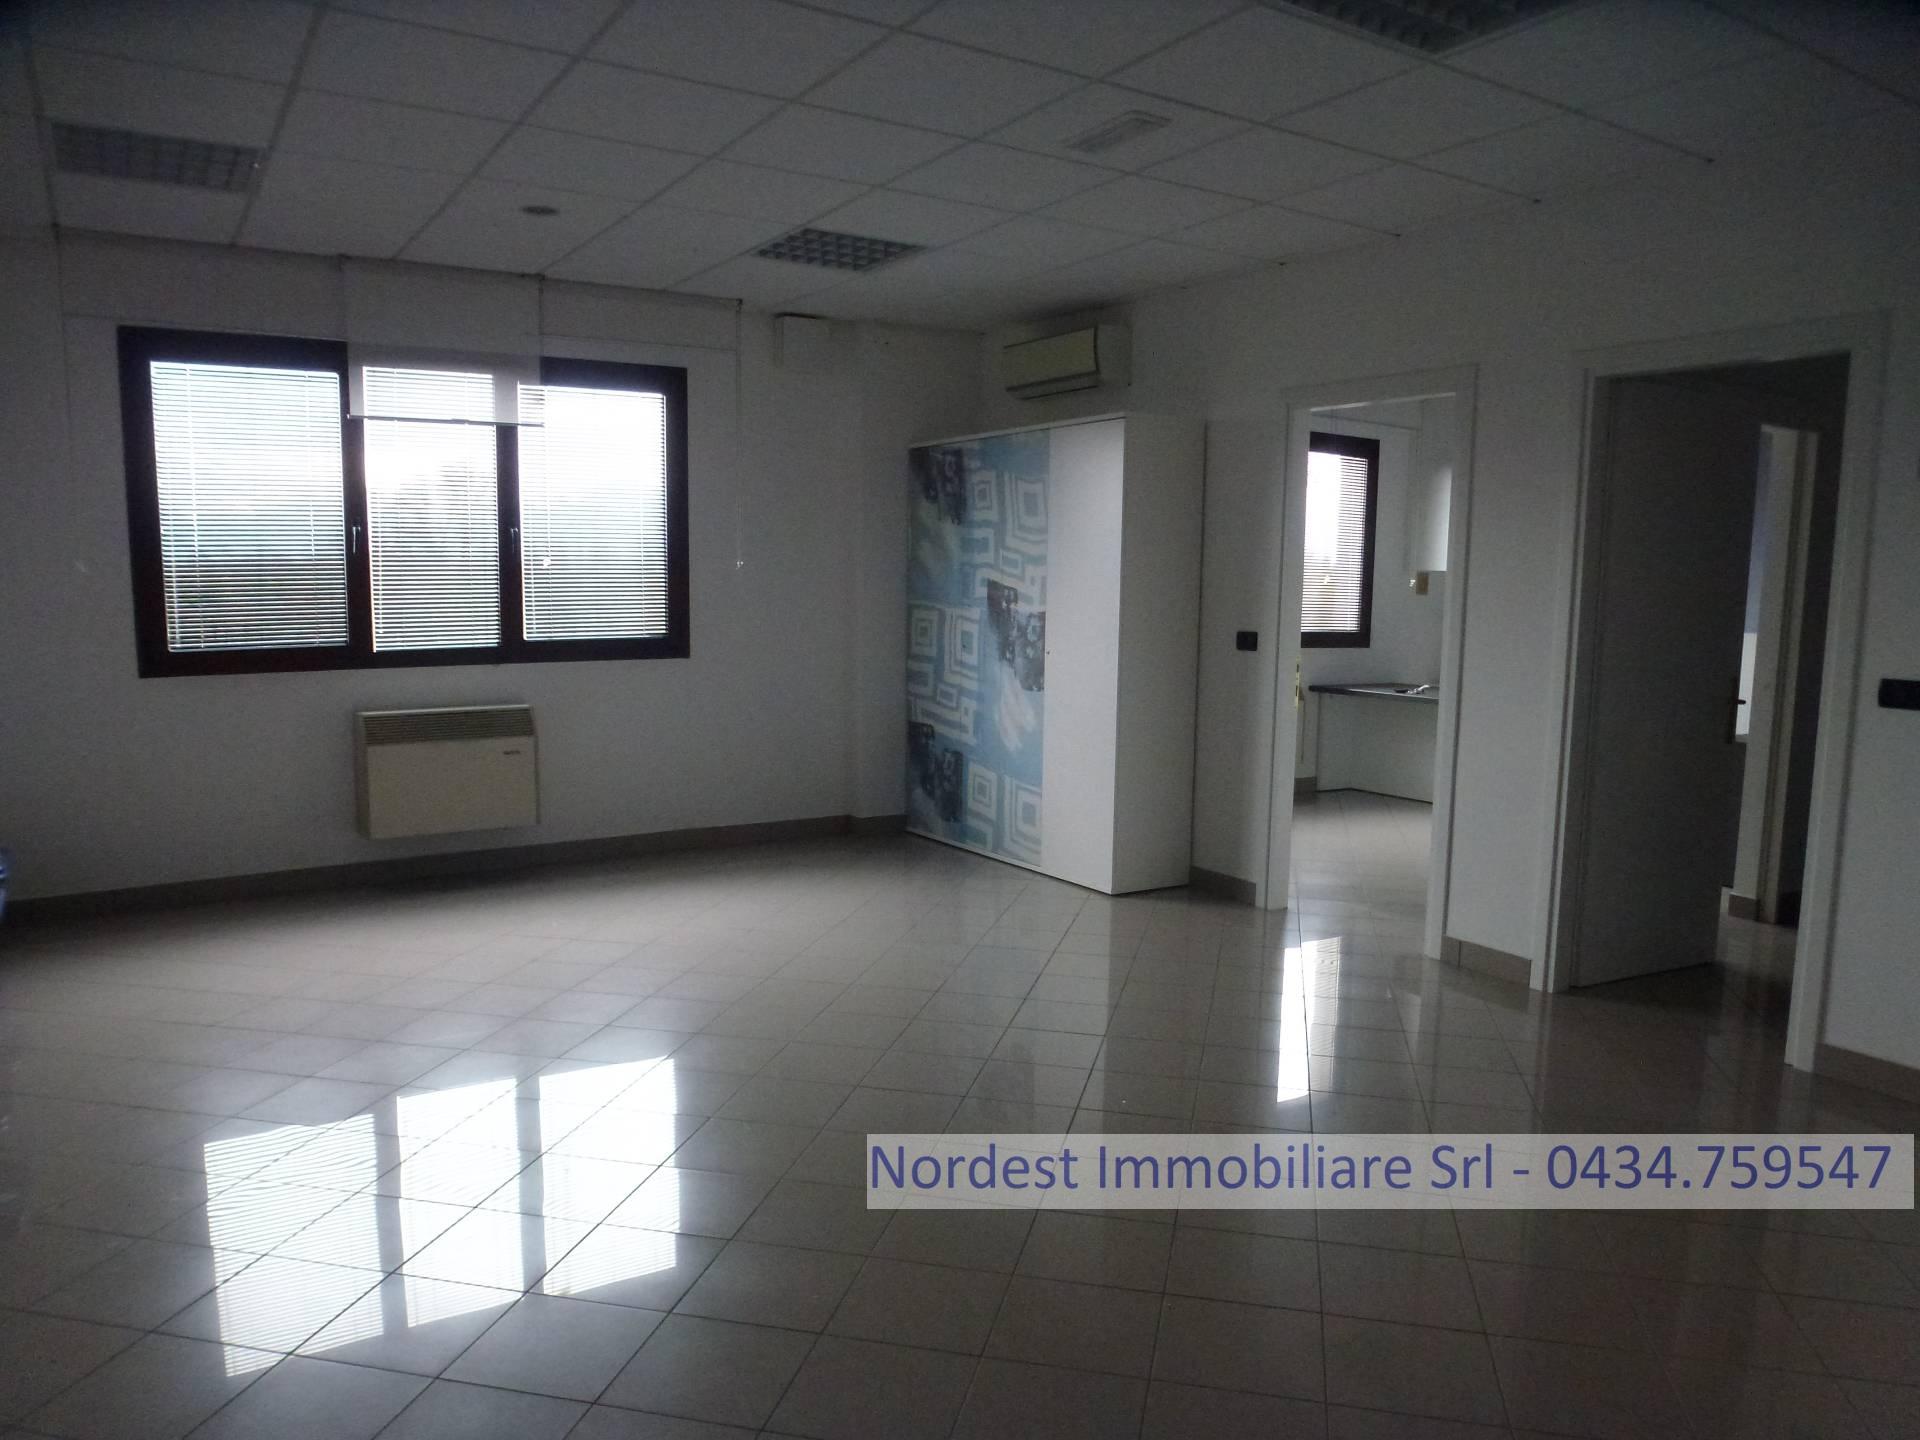 Ufficio / Studio in affitto a Gaiarine, 9999 locali, prezzo € 600 | CambioCasa.it